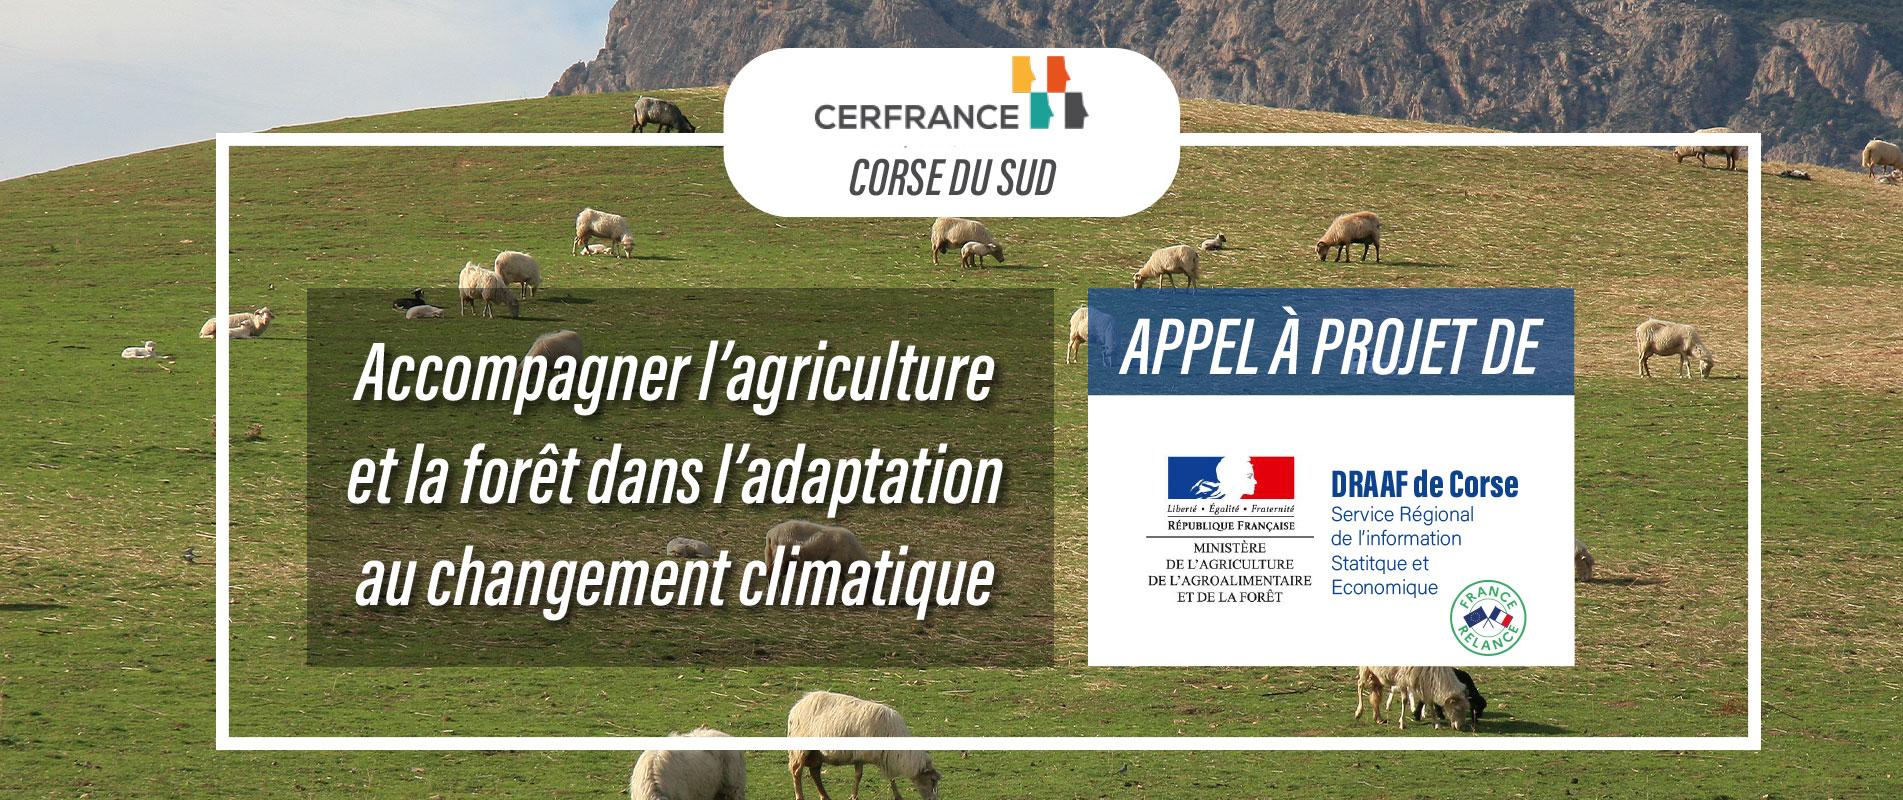 Accompagner l'agriculture et la forêt dans l'adaptation au changement climatique